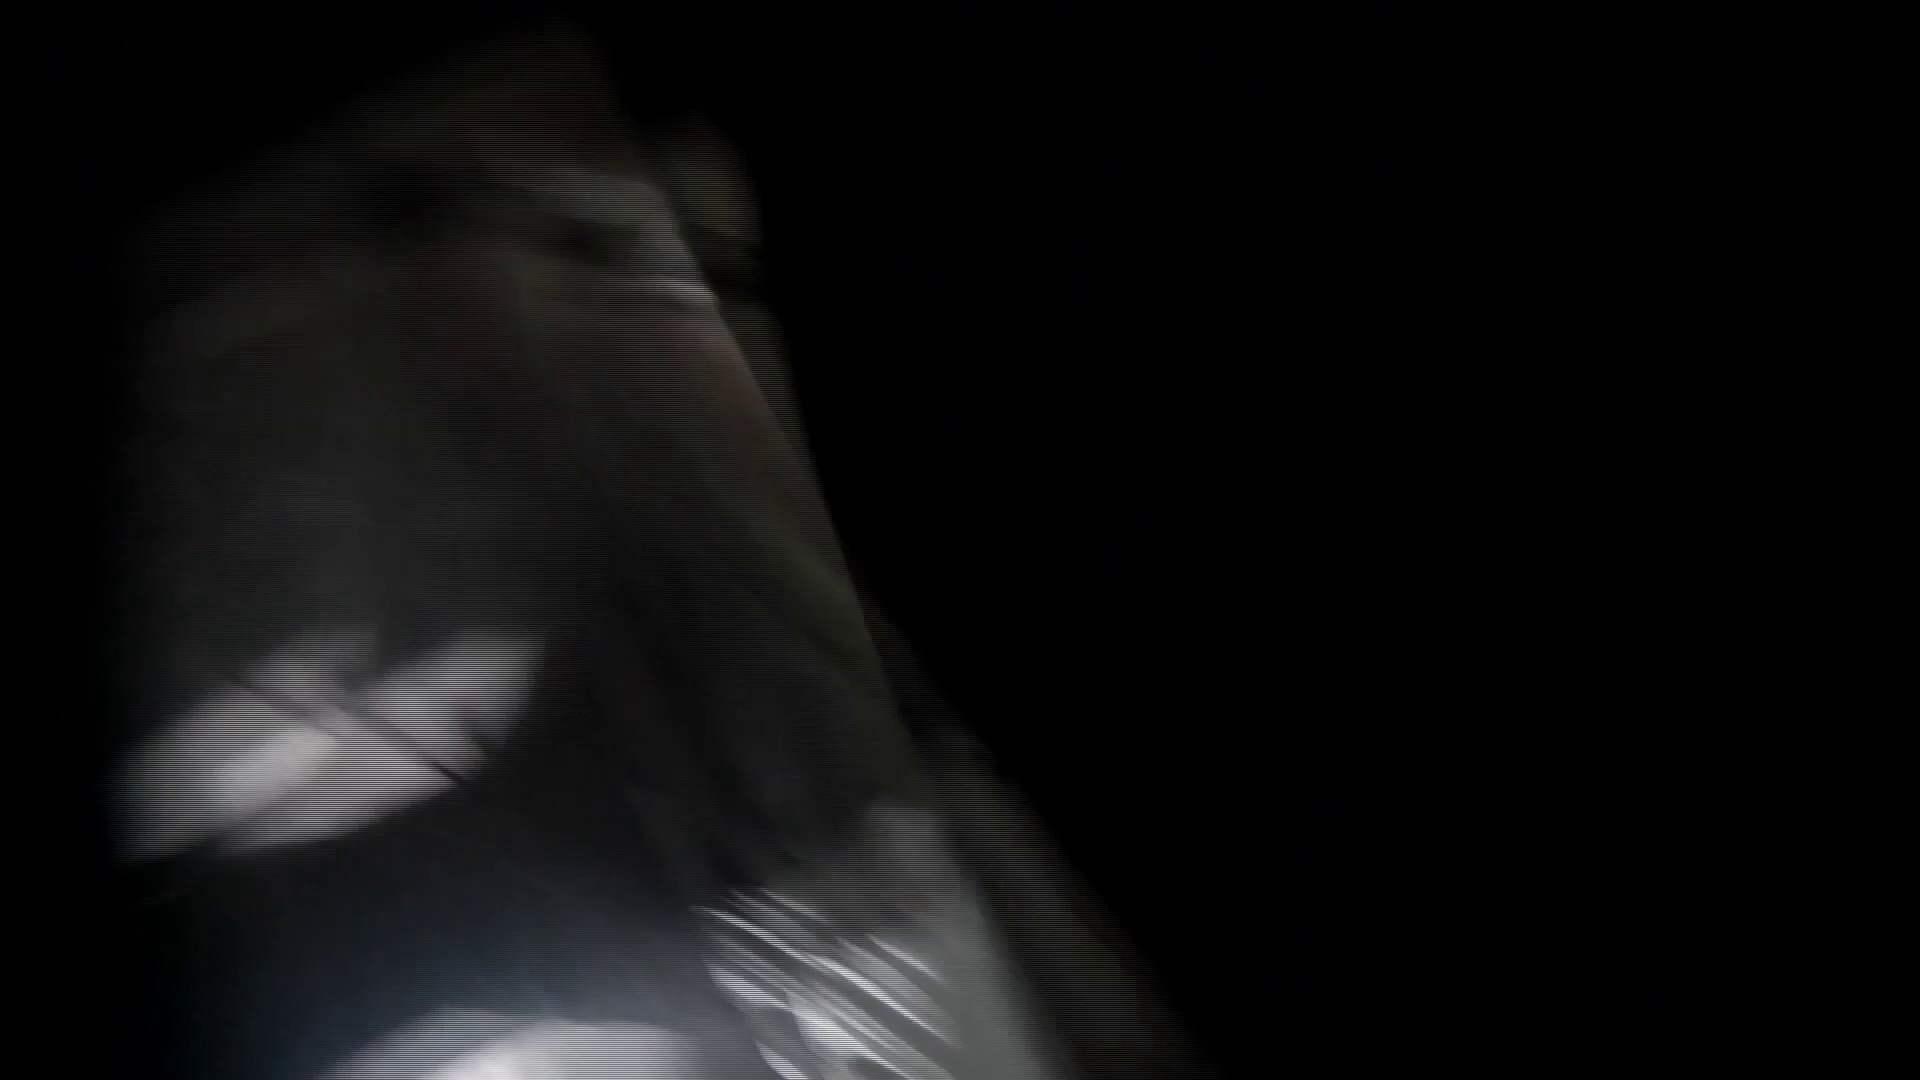 ステーション編 vol40 更に画質アップ!!無料動画のモデルつい登場3 高画質  80PIX 8